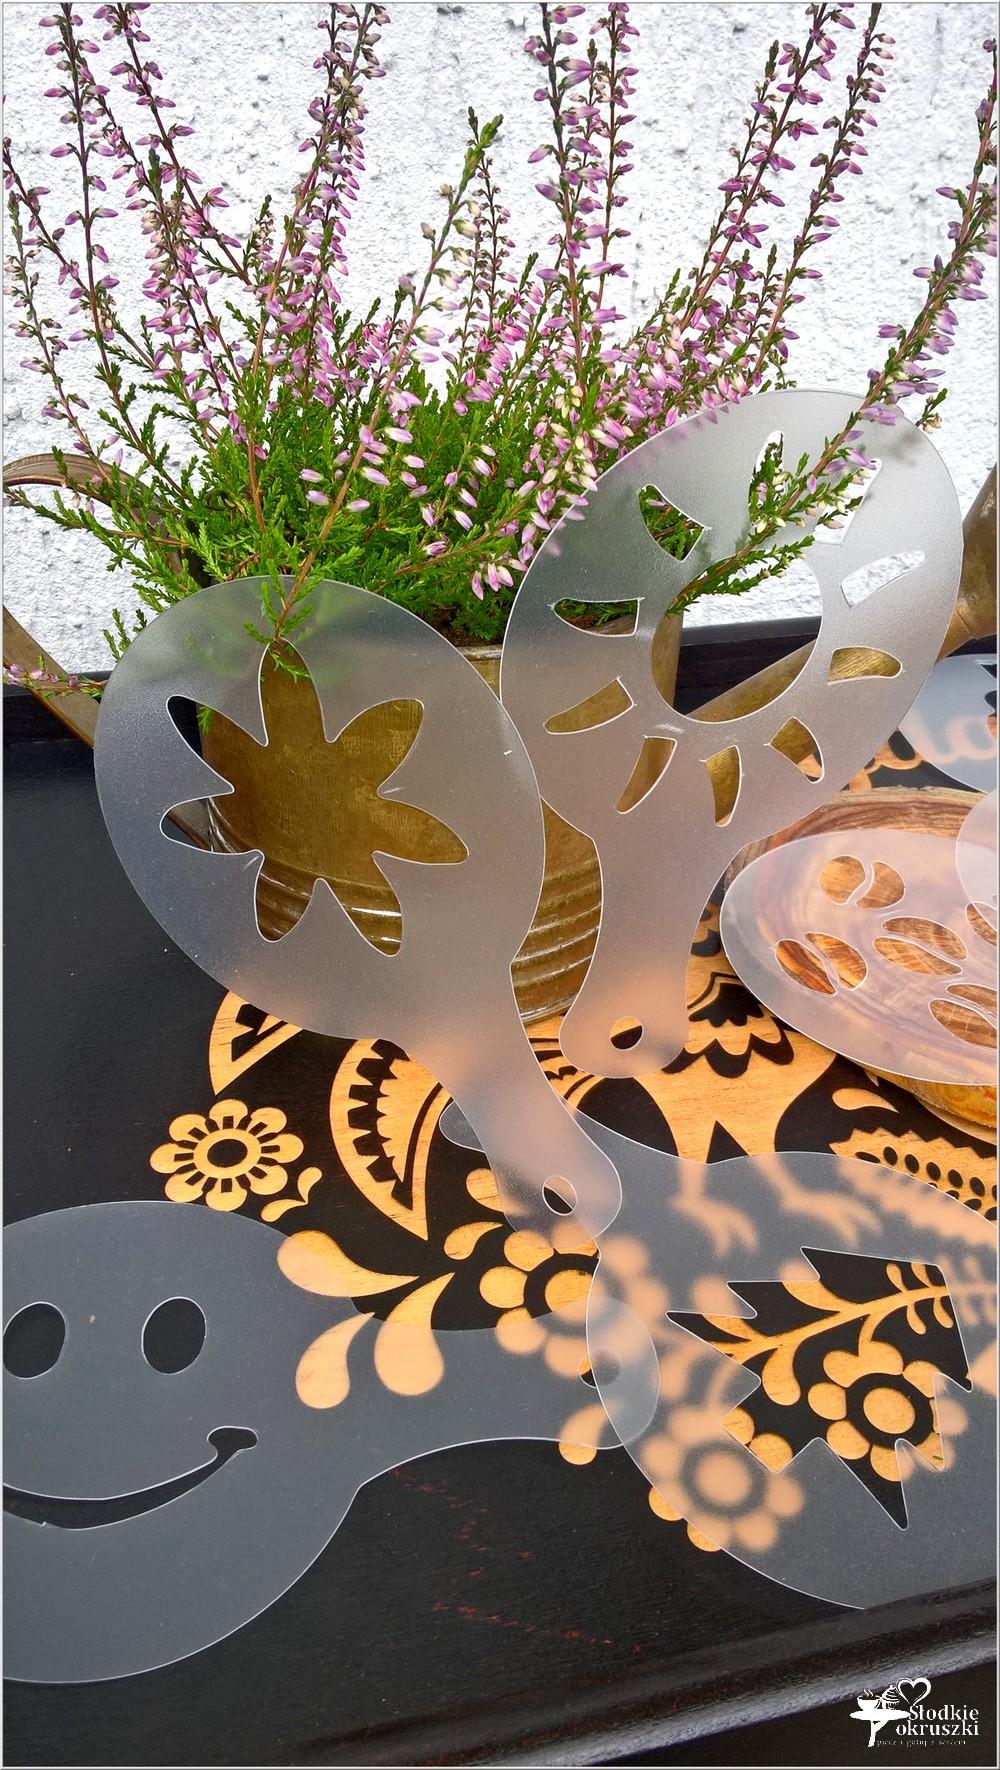 Szablony do dekoracji kawy i deserów (1)